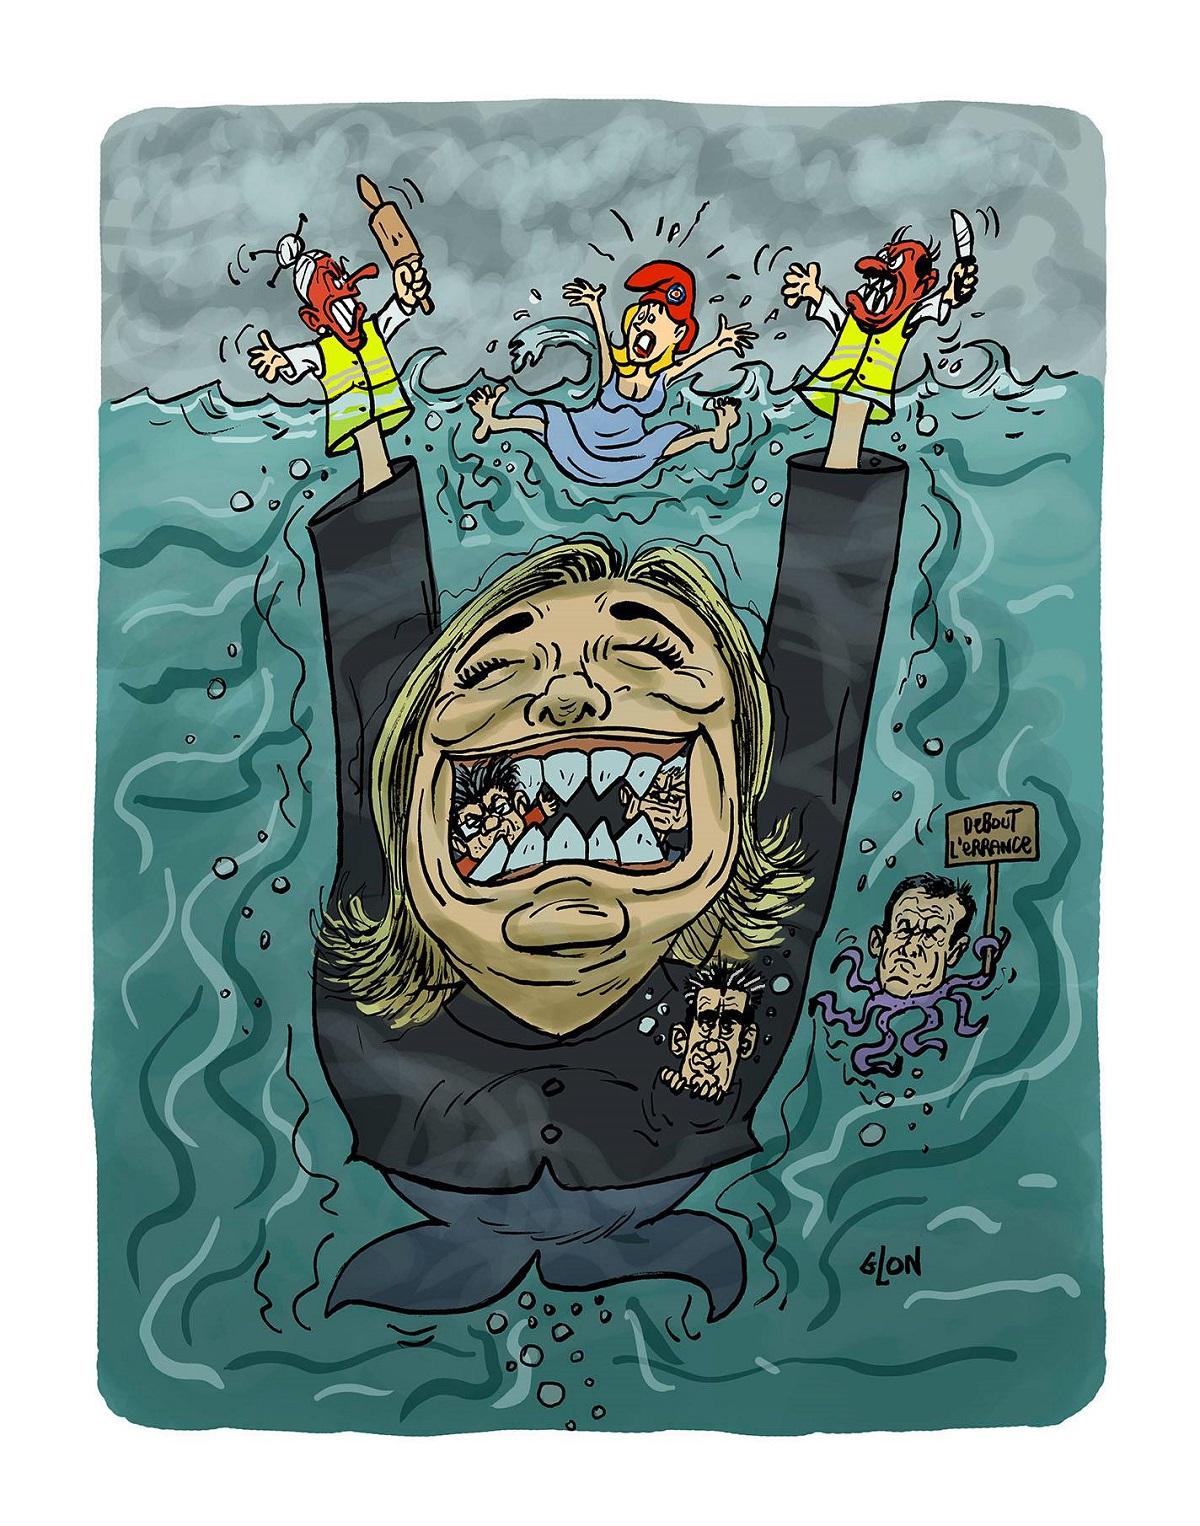 dessin d'actualité humoristique sur la perspective d'une victoire de Marine Le Pen aux élections européennes